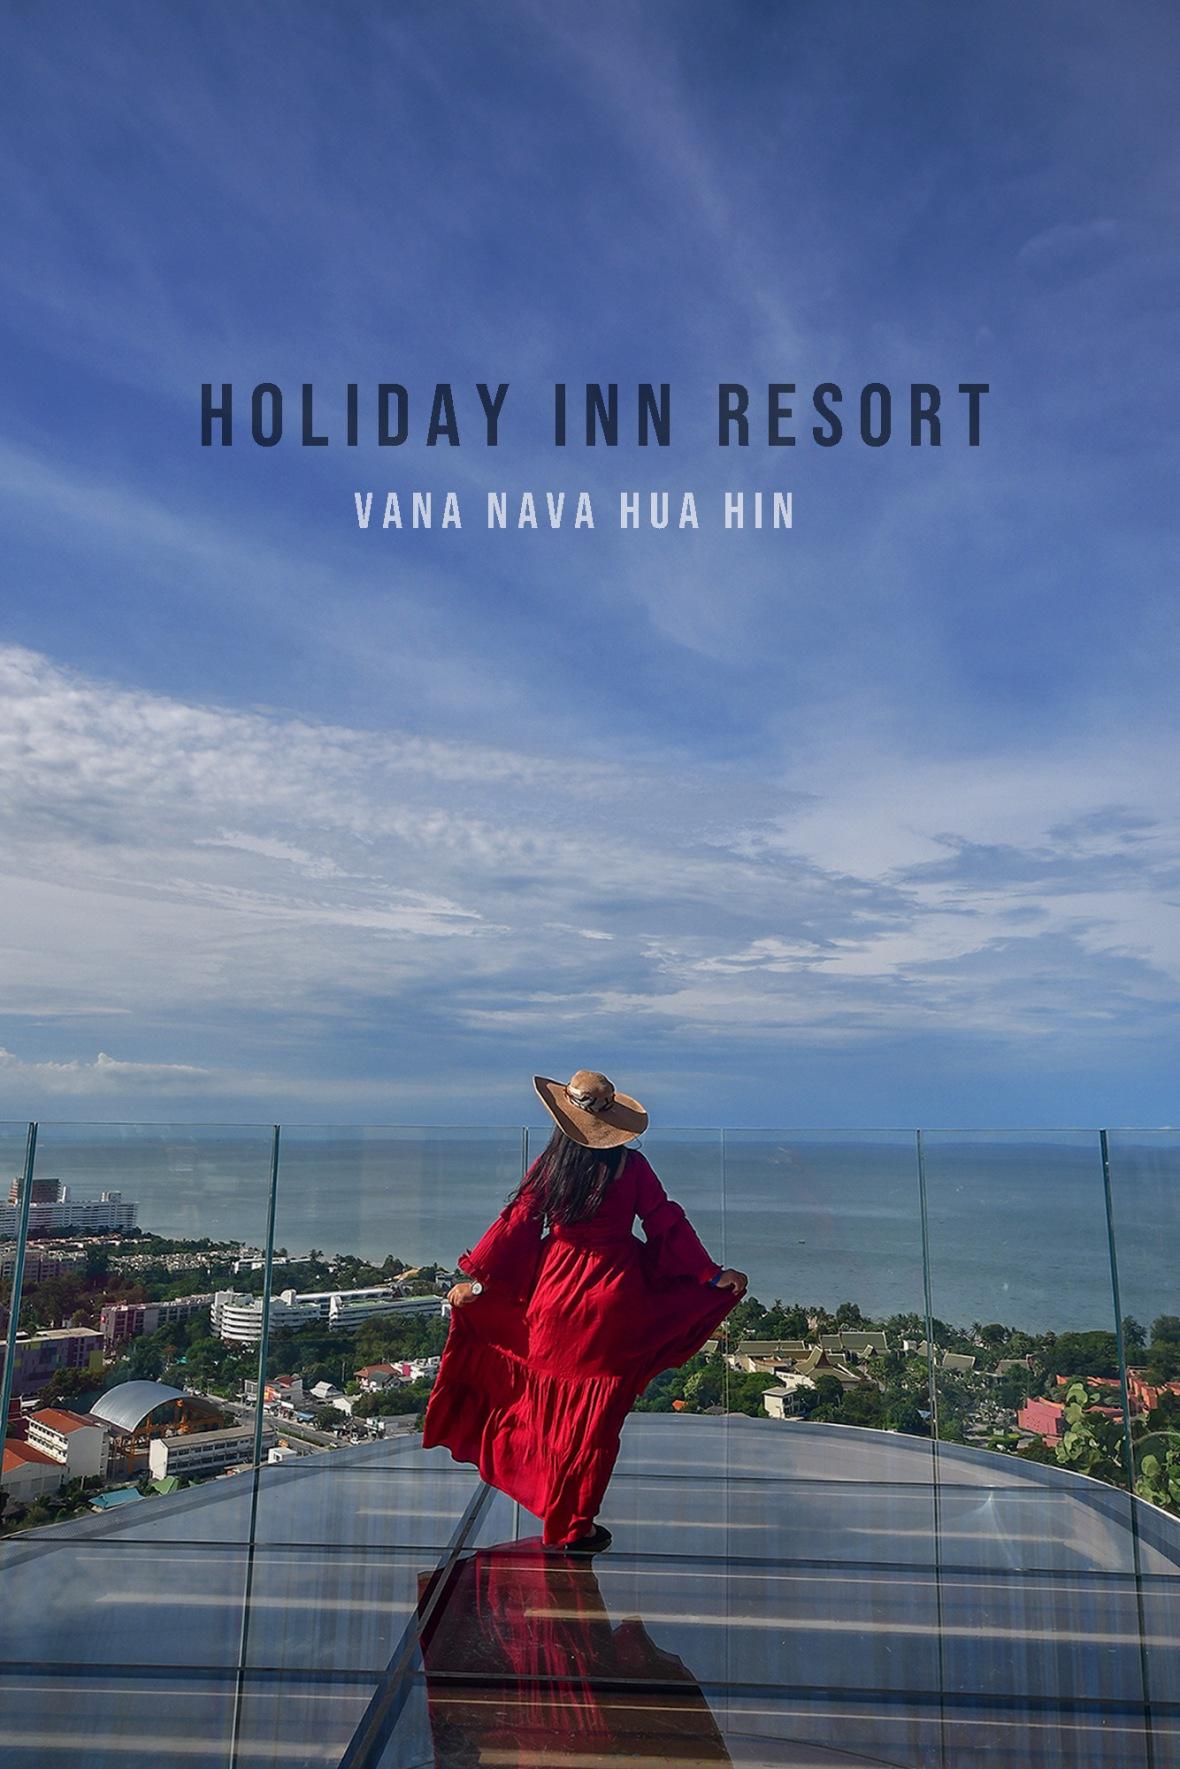 Holiday inn vana nava hua hin (1)